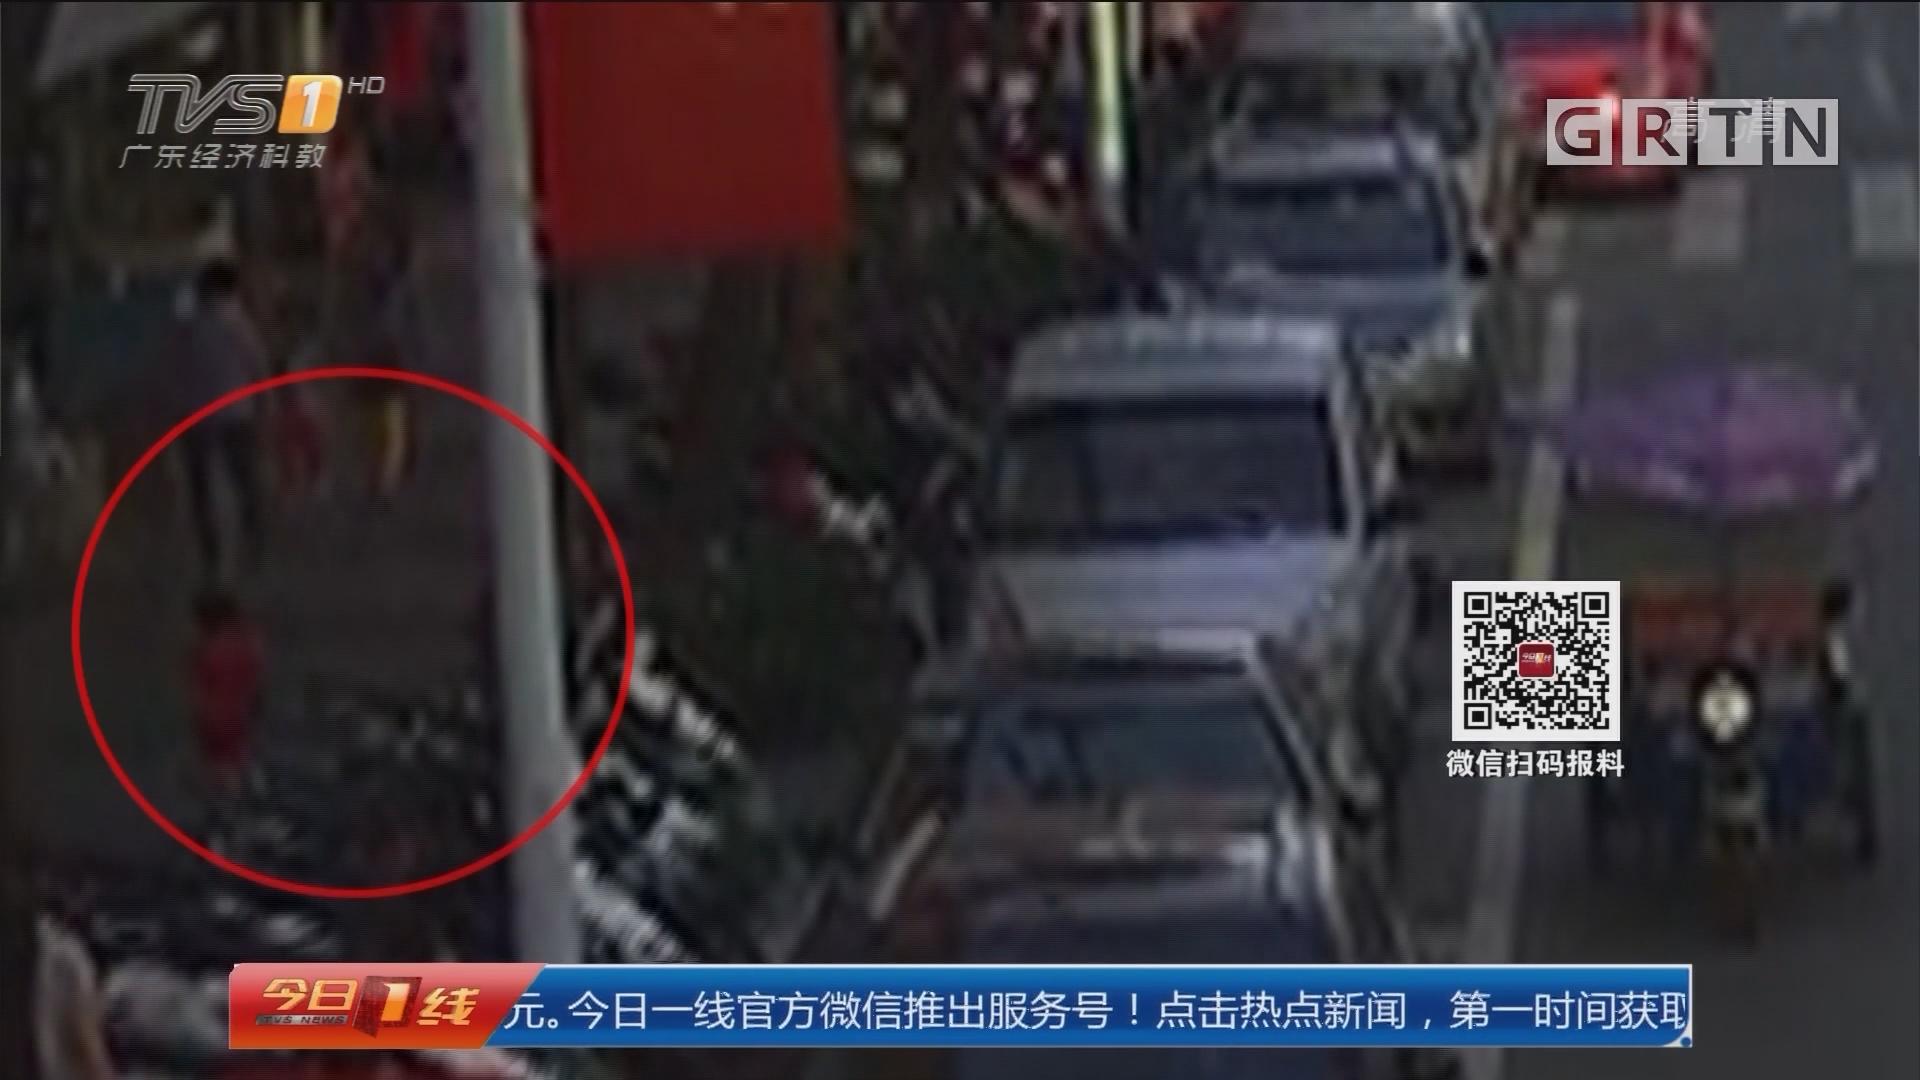 东莞:2岁女童走失 民警8分钟顺利找回